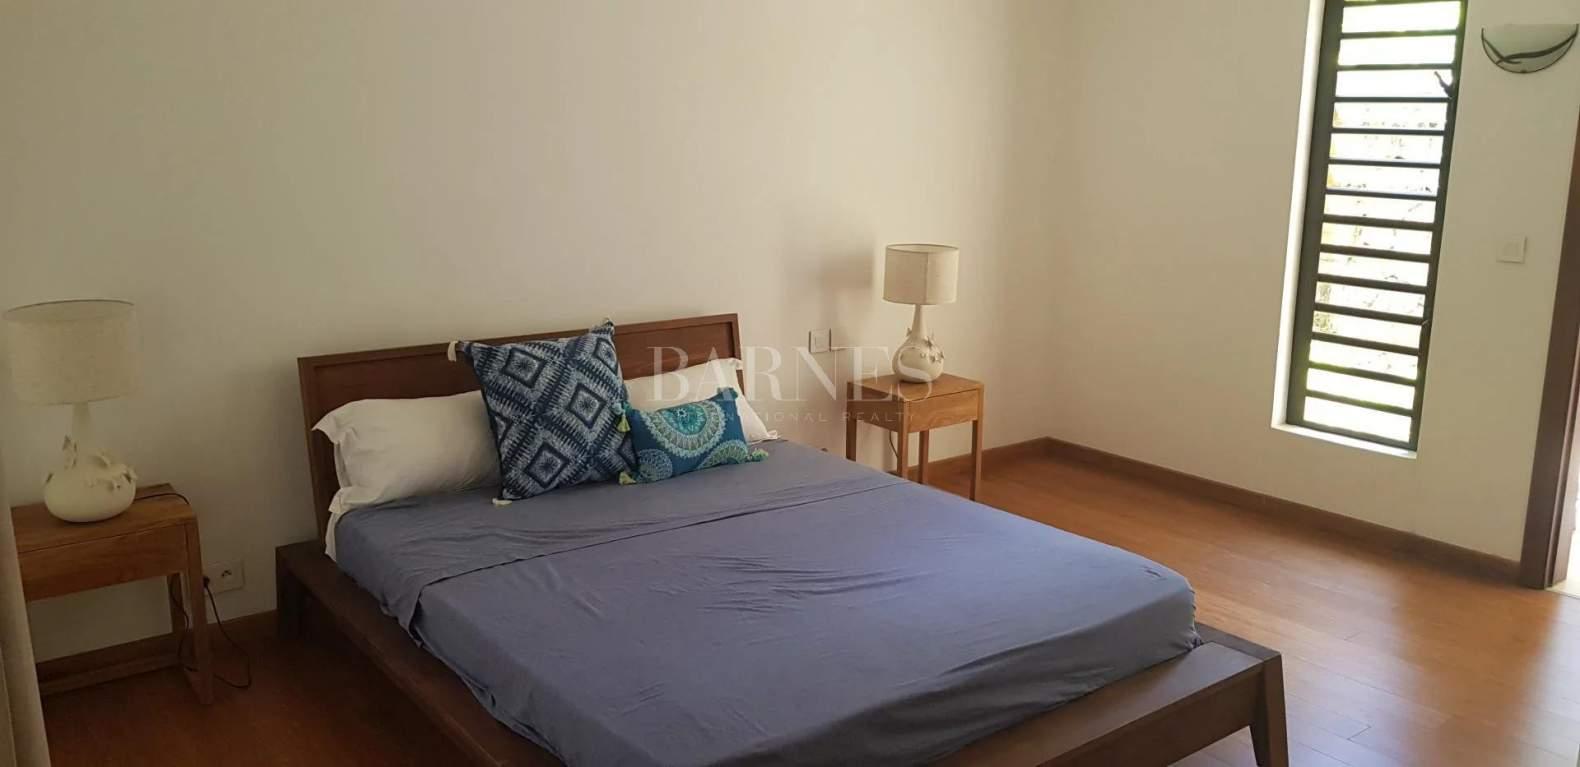 Rivière Noire  - Villa 5 Bedrooms - picture 4